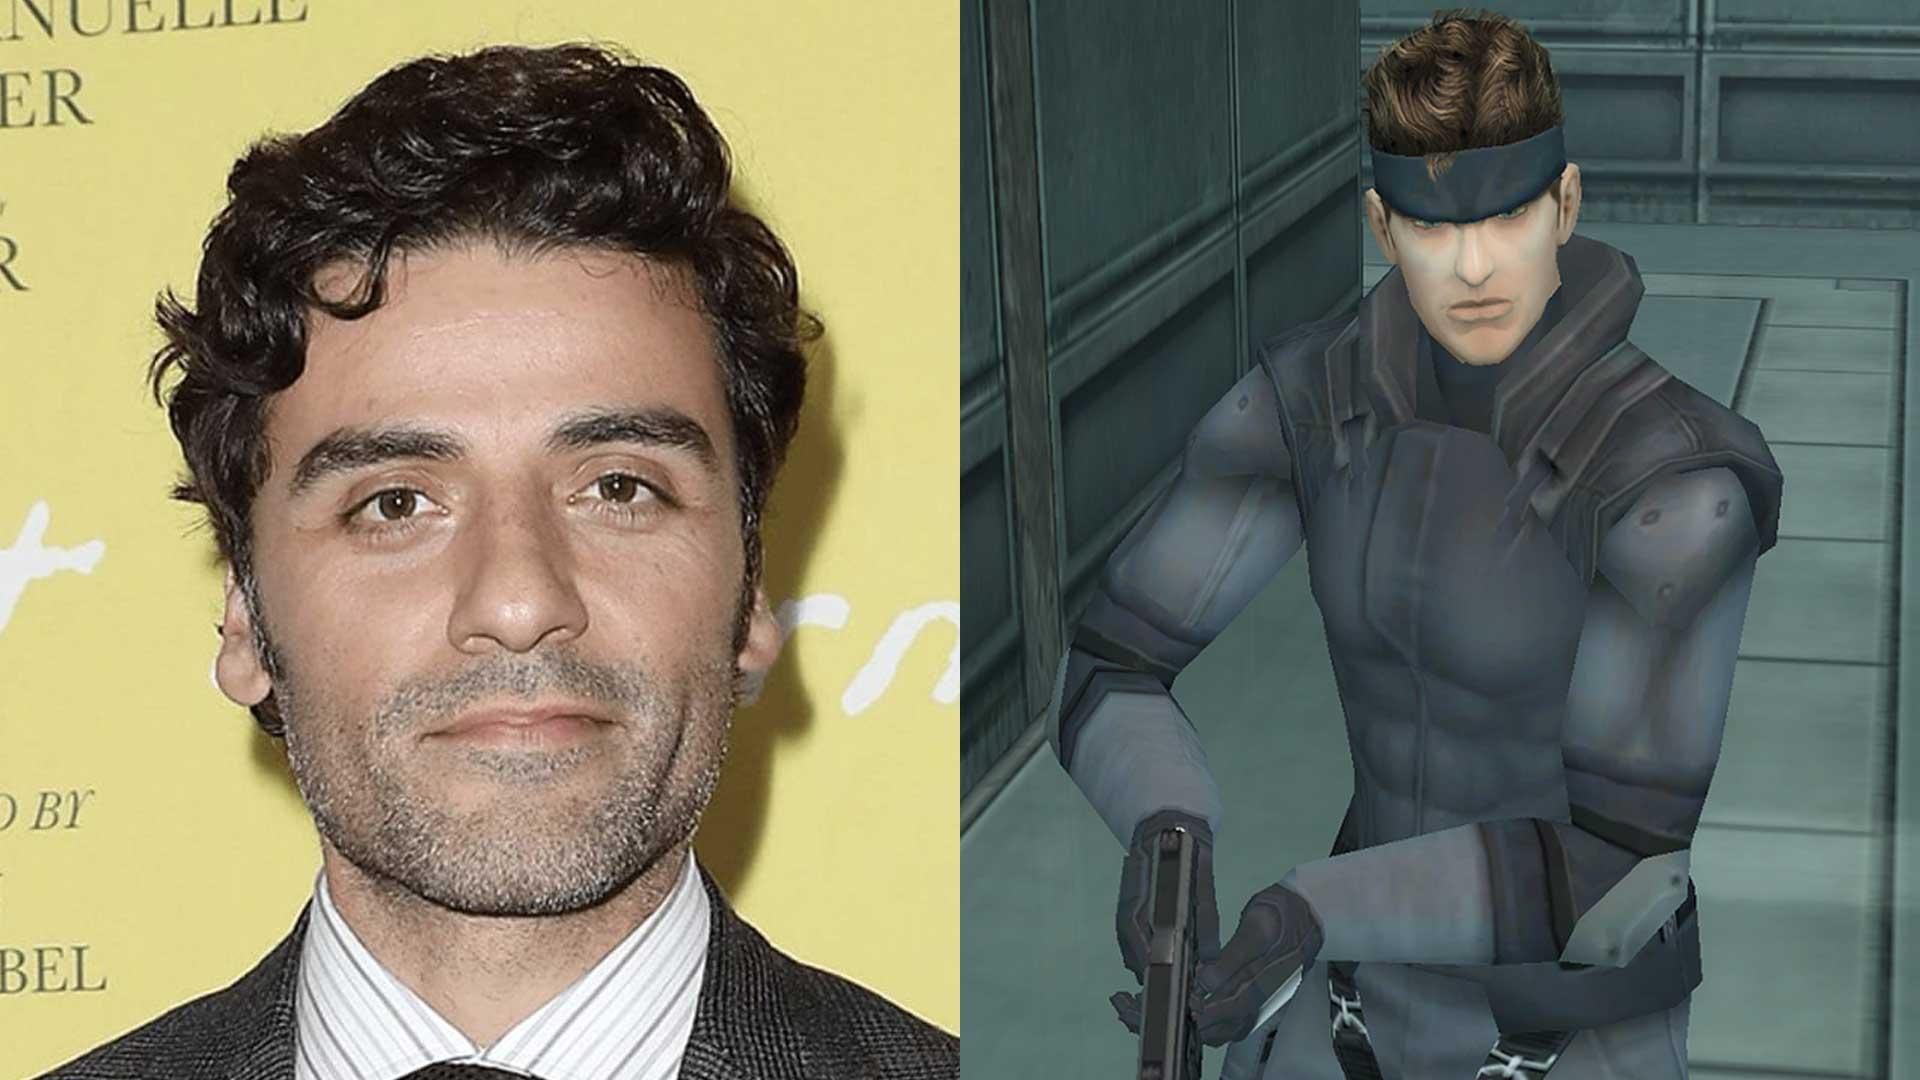 اسکار آیزاک نقش سالید اسنیک را در فیلم Metal Gear Solid ایفا خواهد کرد